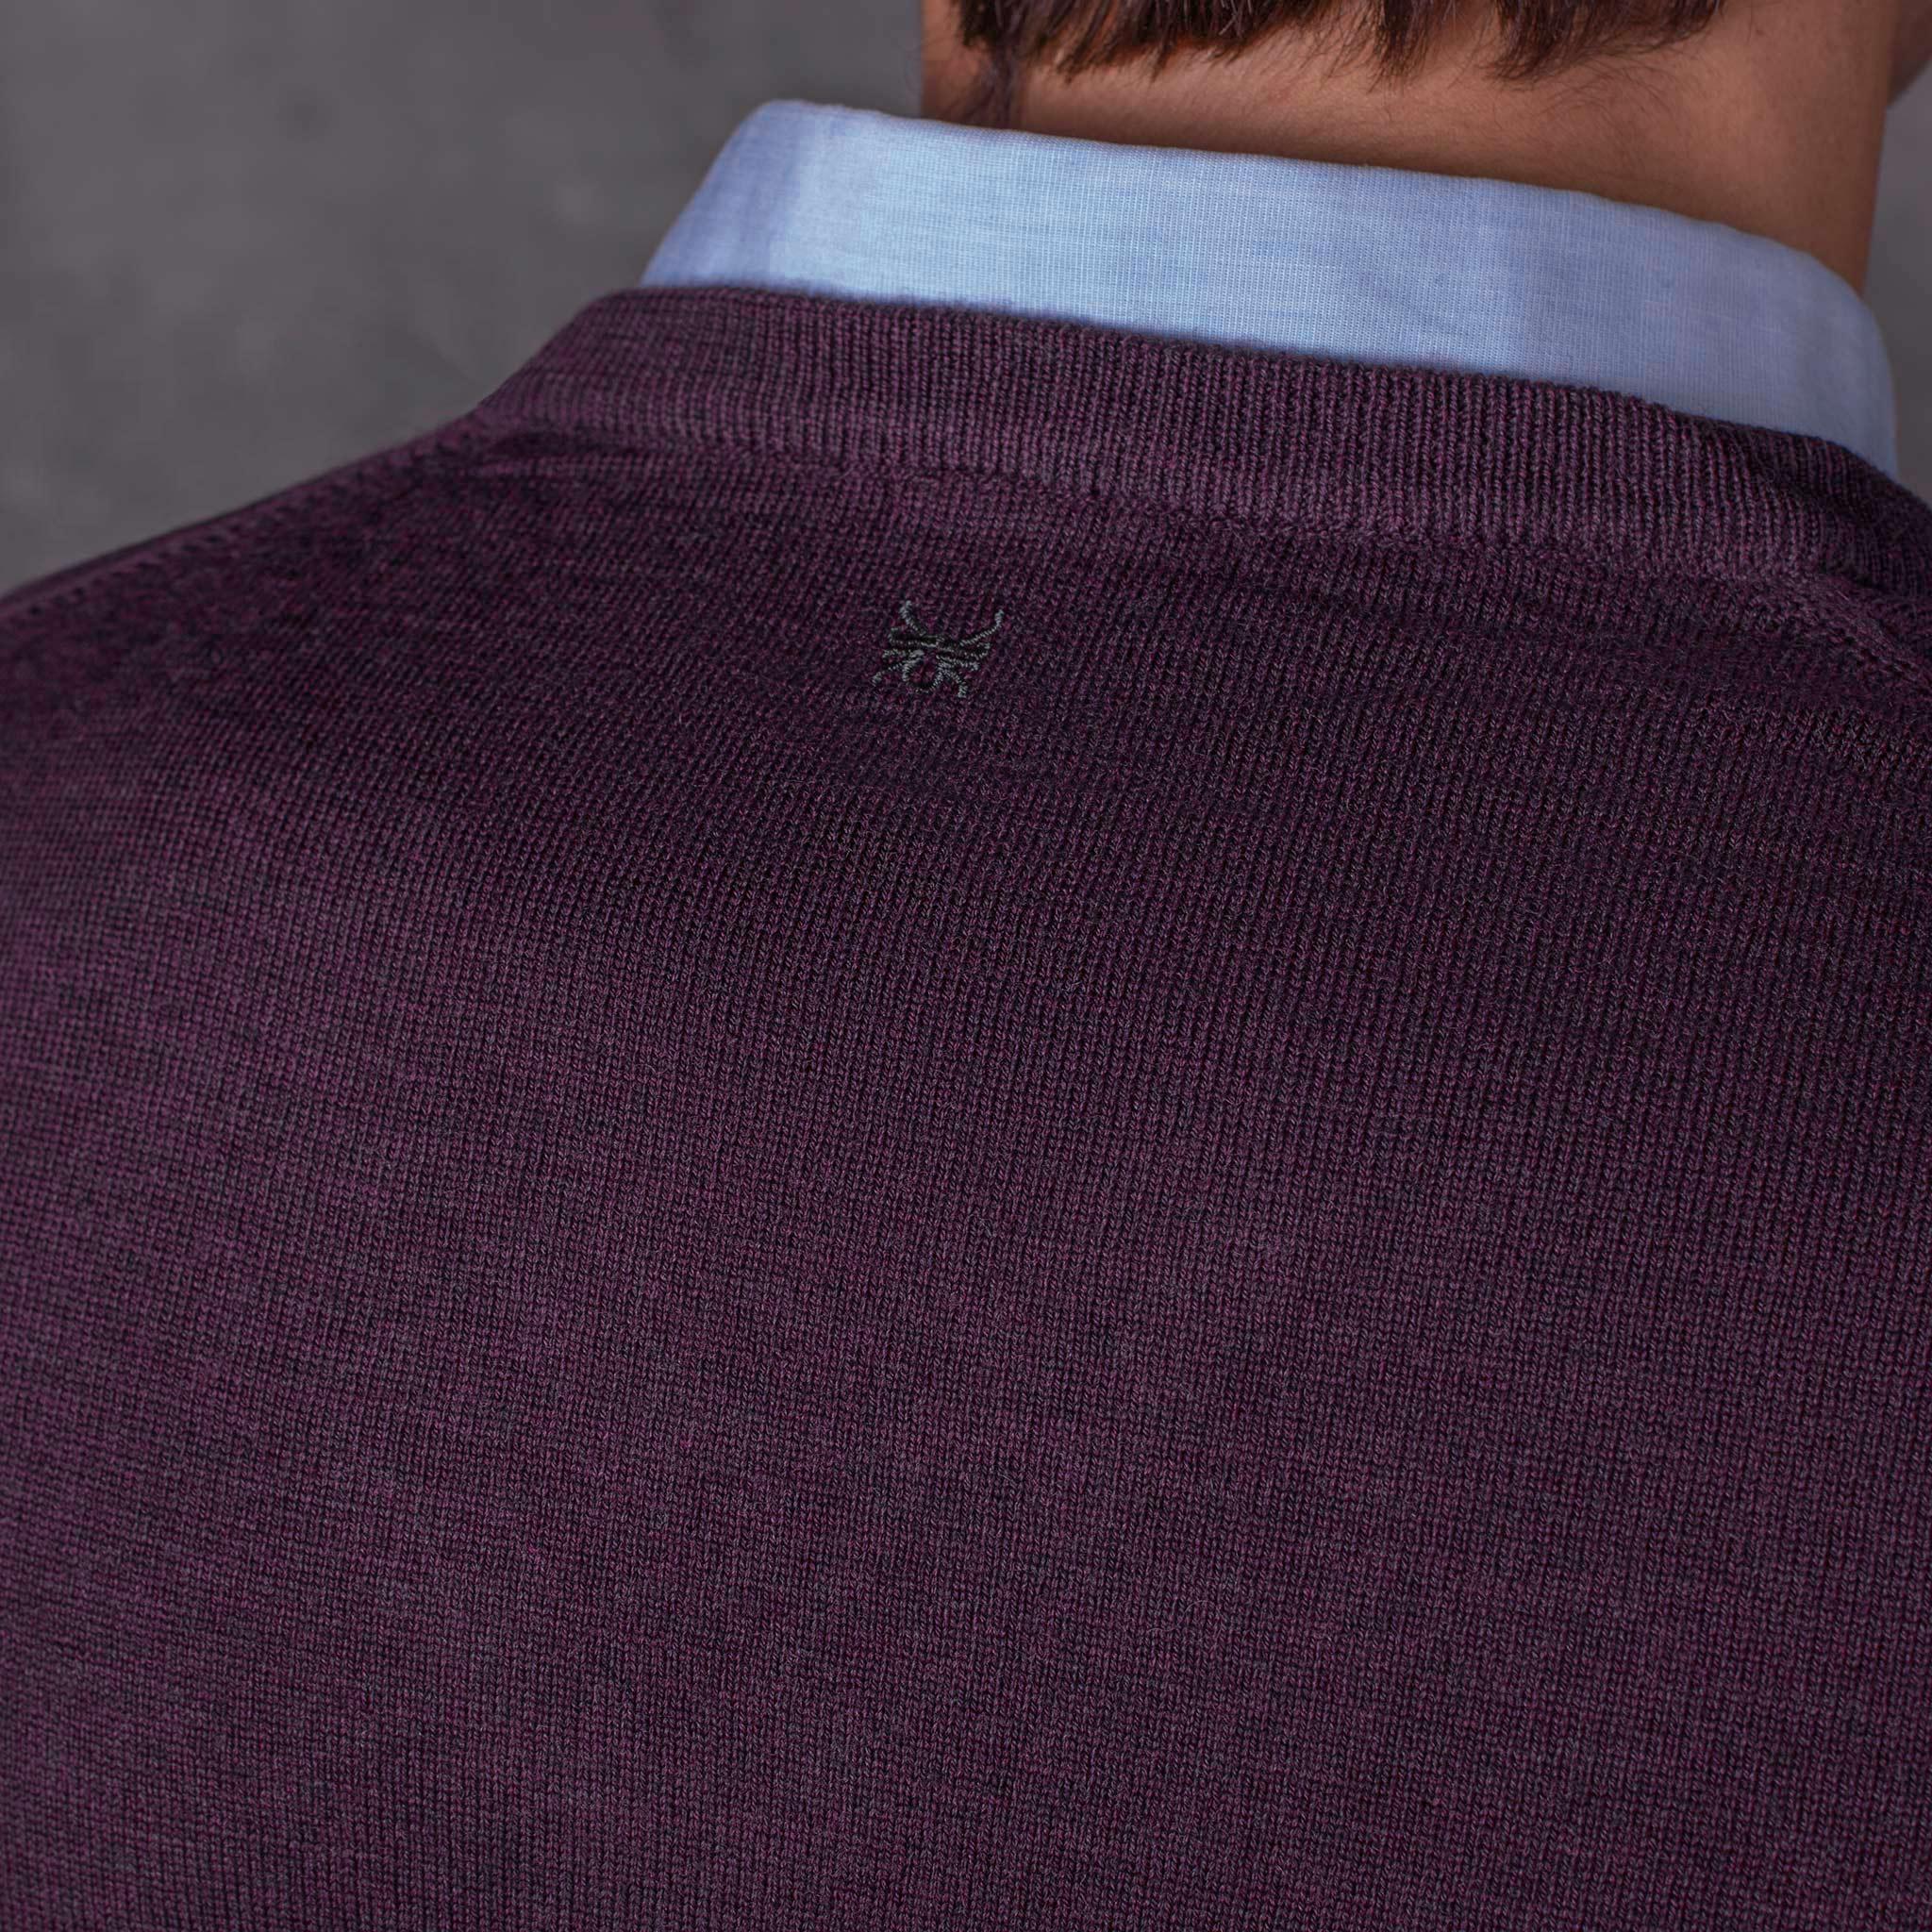 V-NECK PULLOVER 01.03 PURPLE JERSEY PICO 01.03 MORADO The Seëlk 10